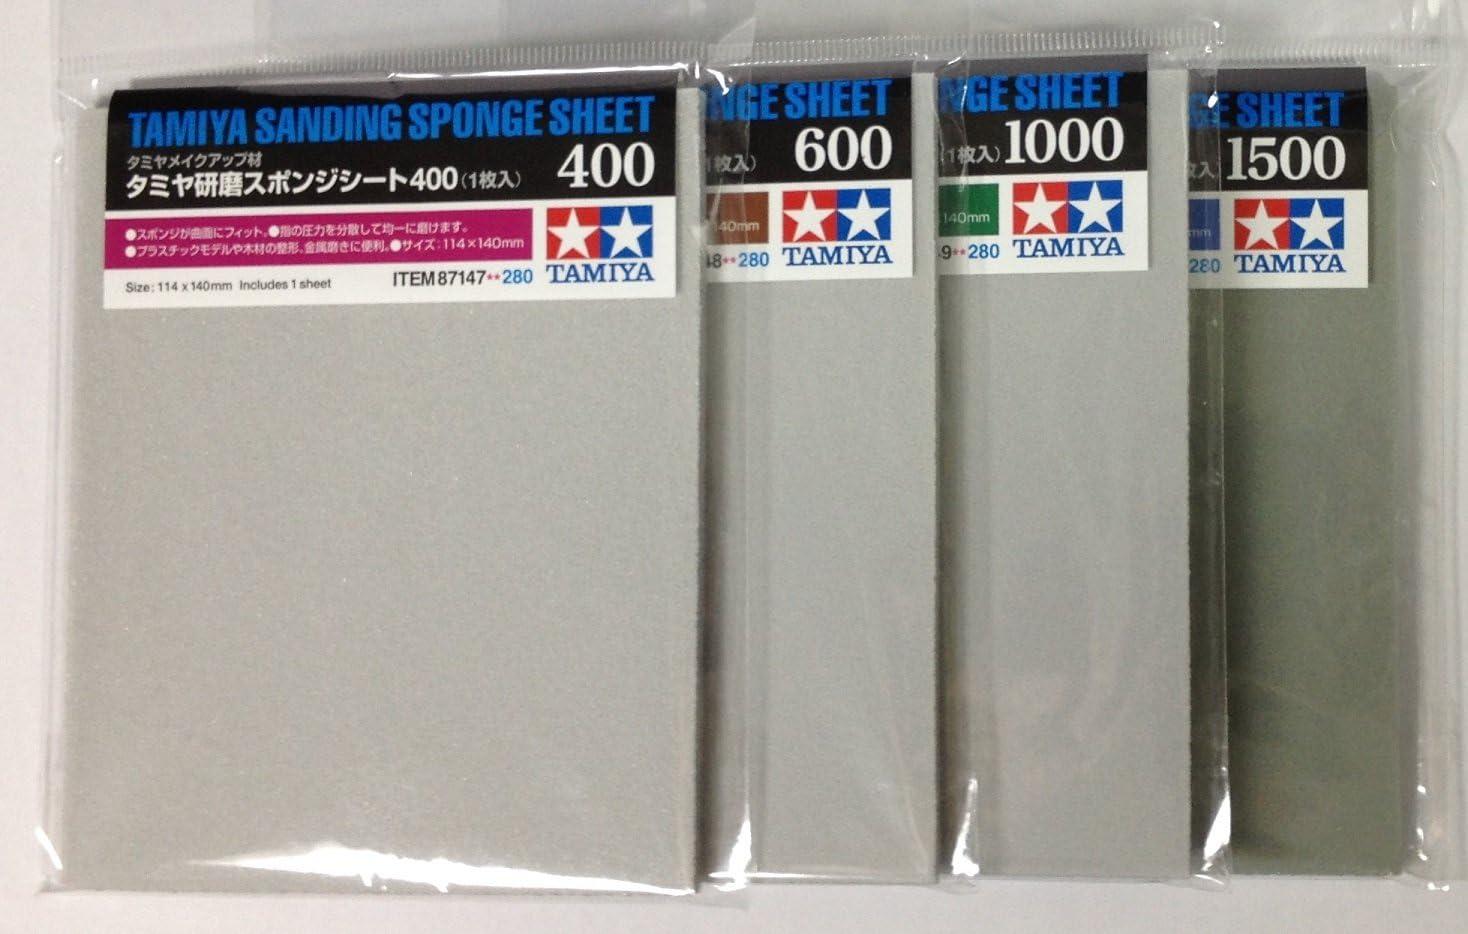 TAMIYA Sanding Sponge Sheet 4-type(#400,#600,#1000,#1500) Set, Model:, Toys & Play